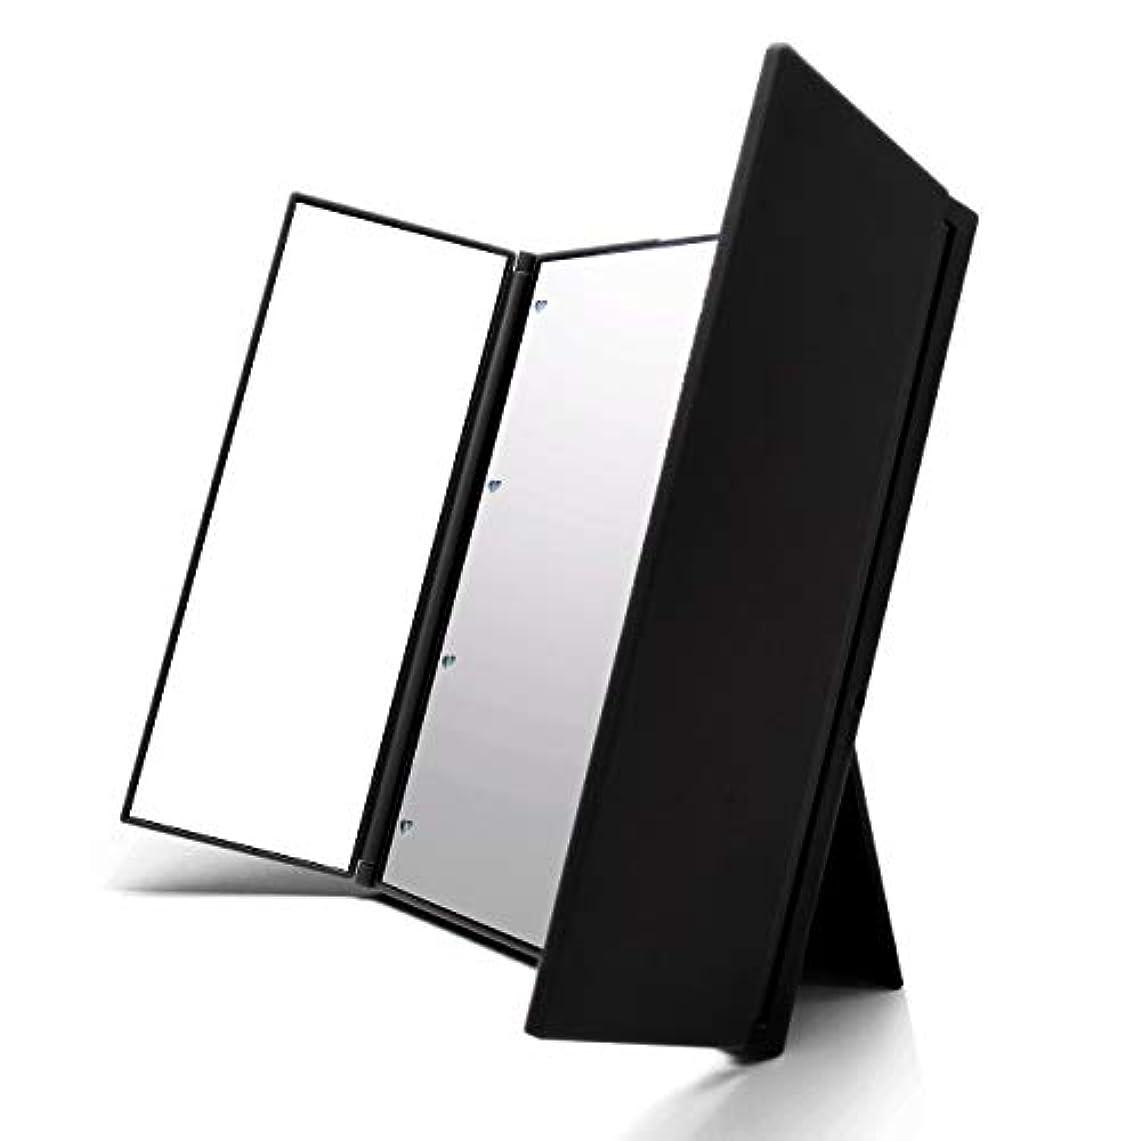 有利遺伝的ハントVidgoo 鏡 卓上 化粧鏡 スタンド LED付き 三面鏡 折り畳み式 調整可能 電池型 ブラック